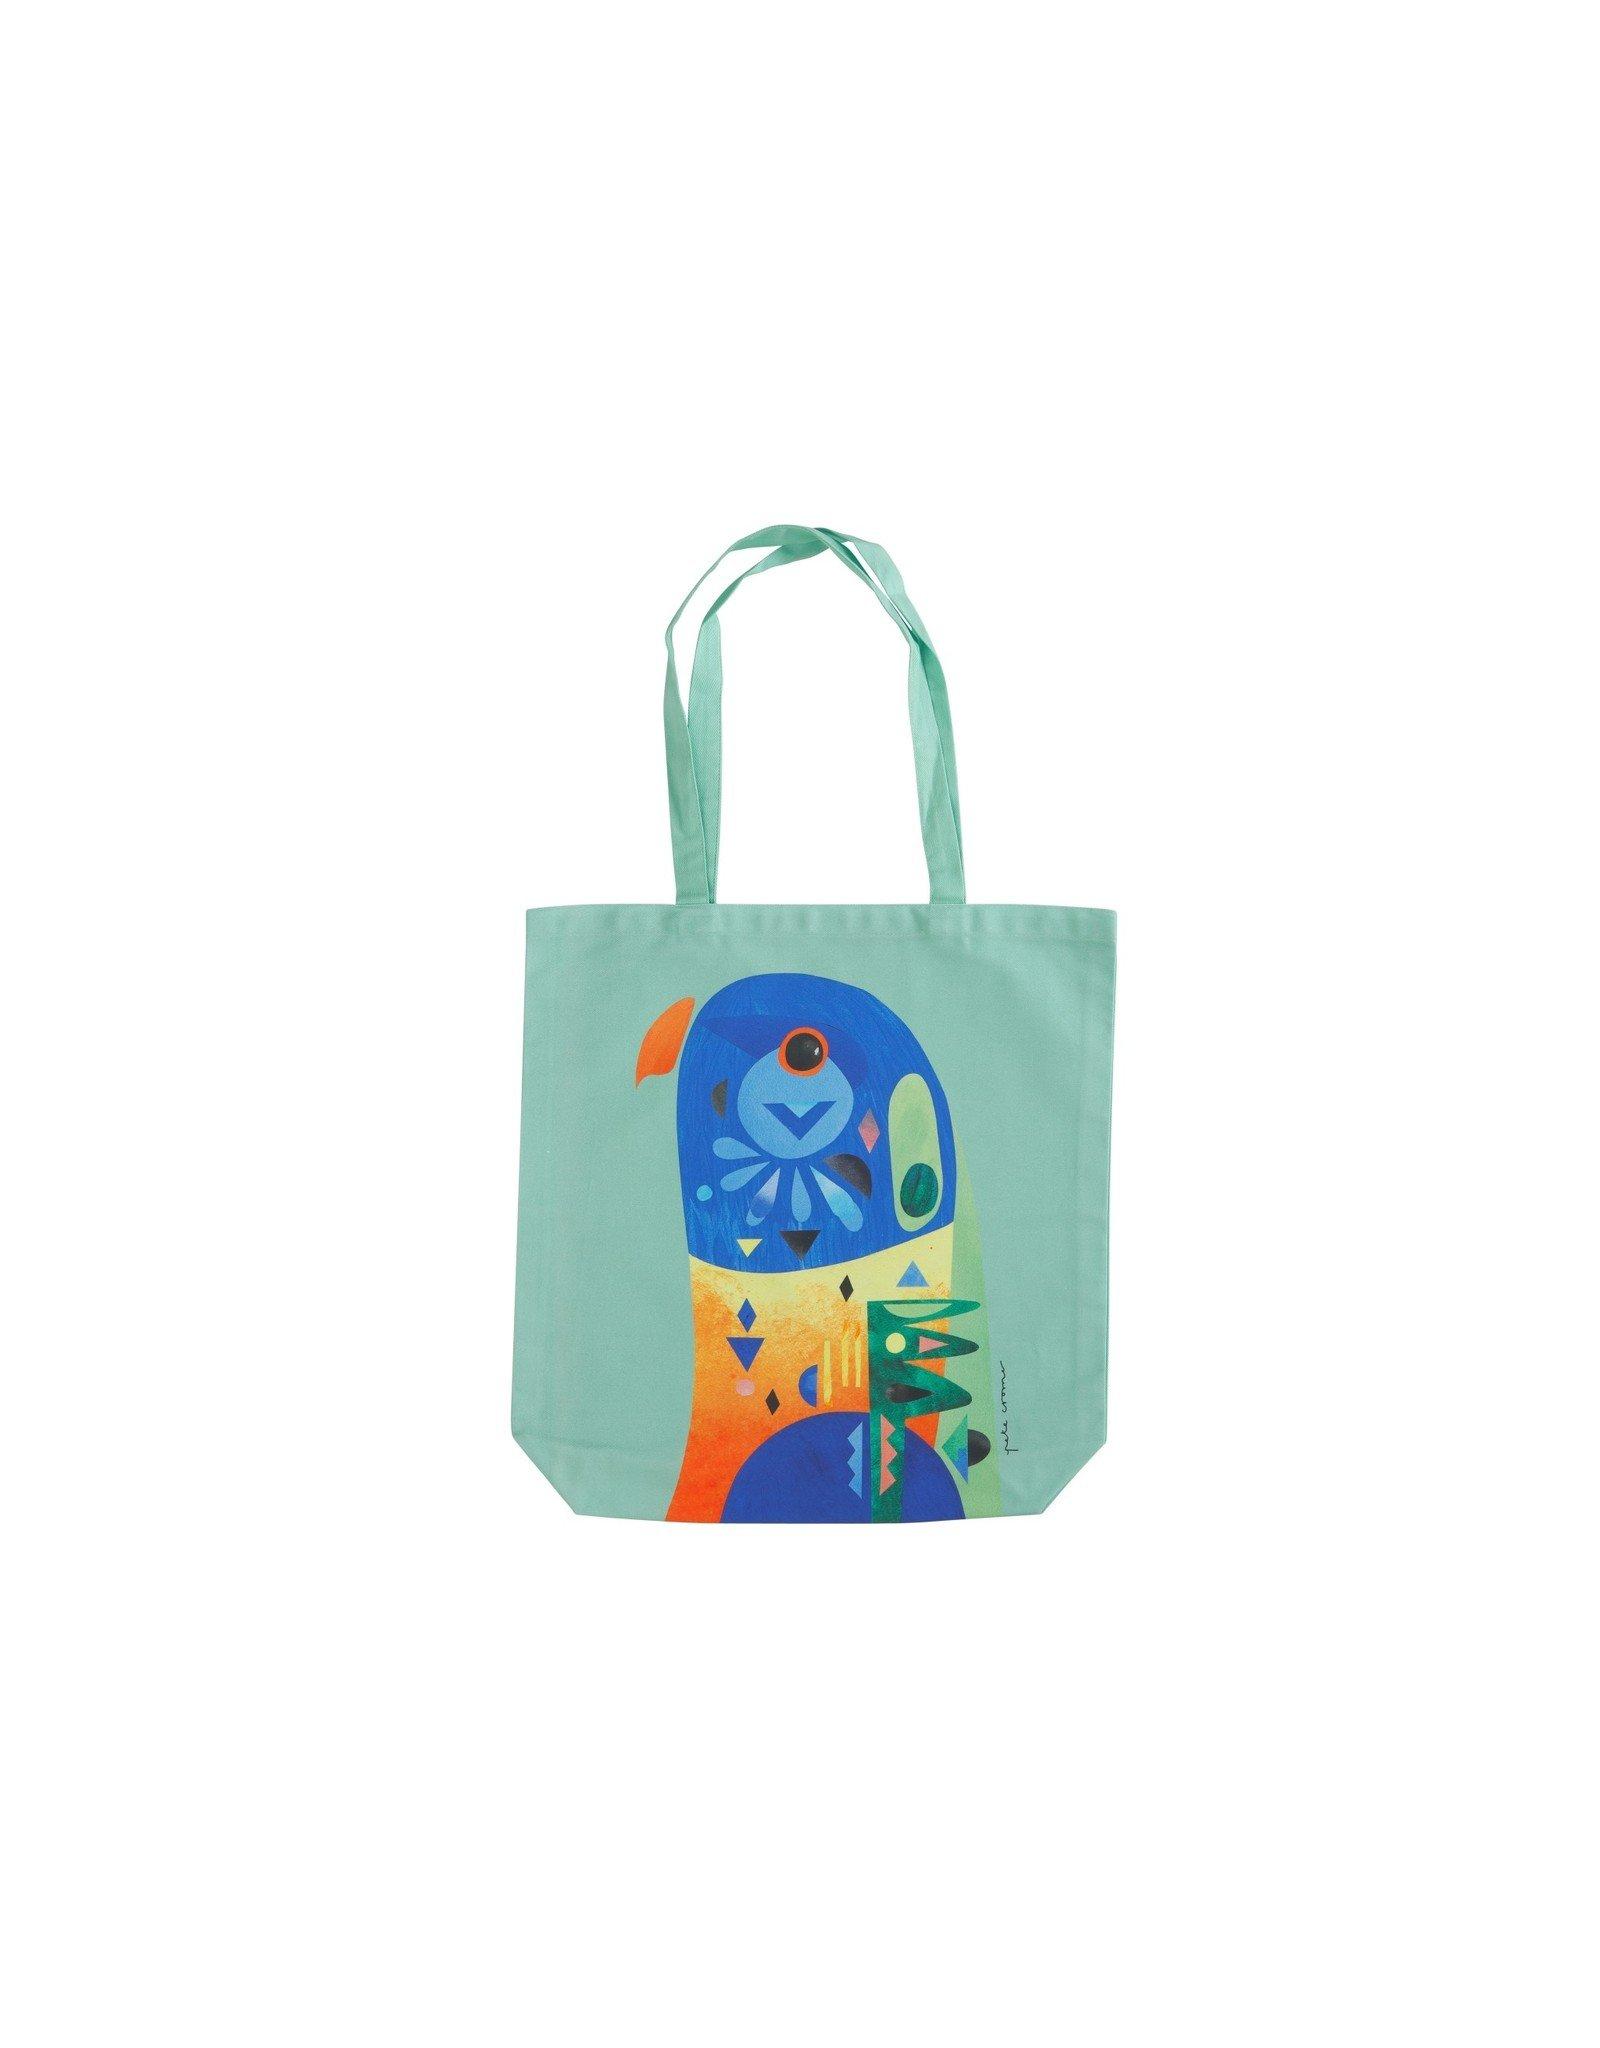 Maxwell & Williams Pete Cromer Tote Bag